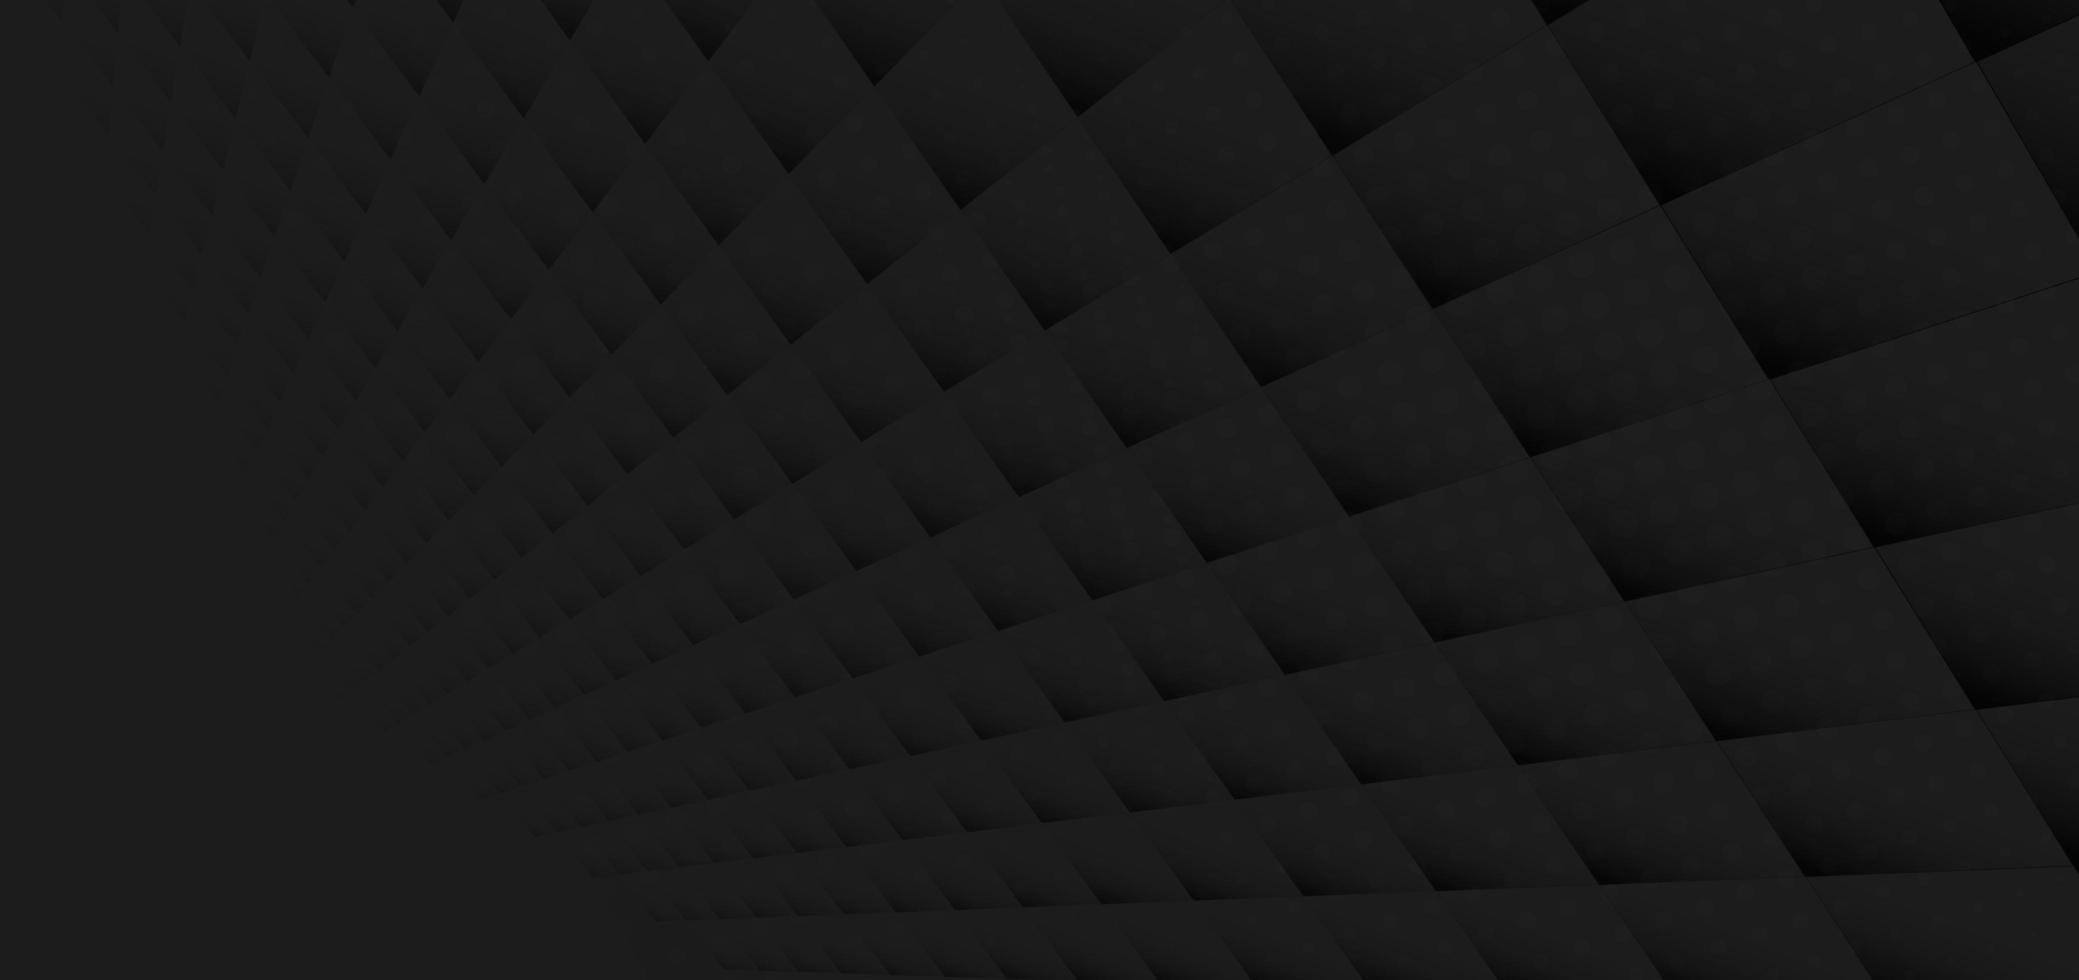 motif carré noir géométrique abstrait vecteur